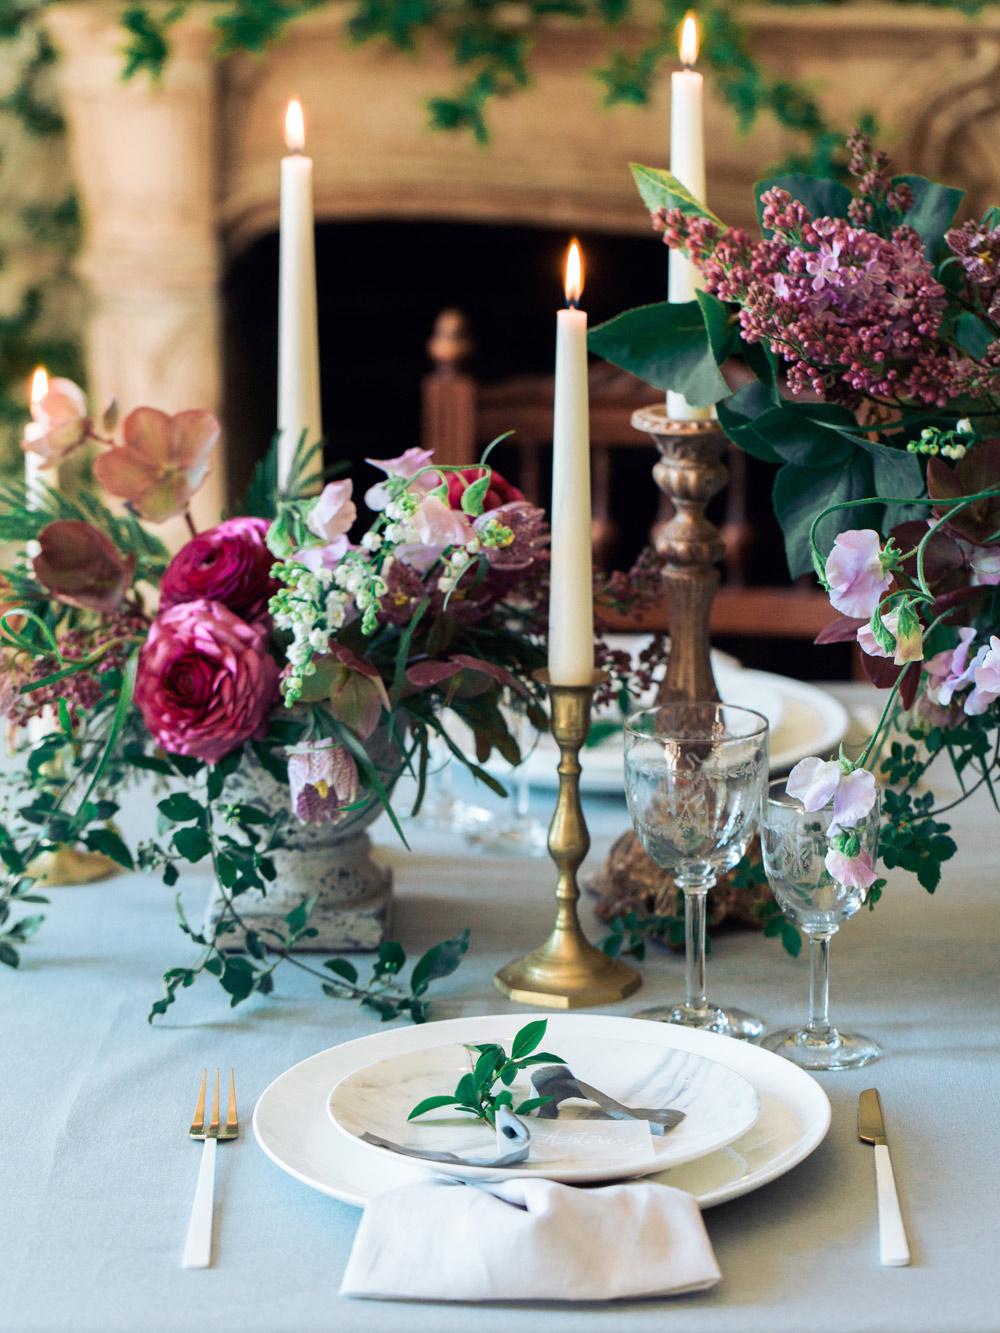 blanccoco_photographe_mariage_chic_nude_pastel_chateau_montplaisant_63